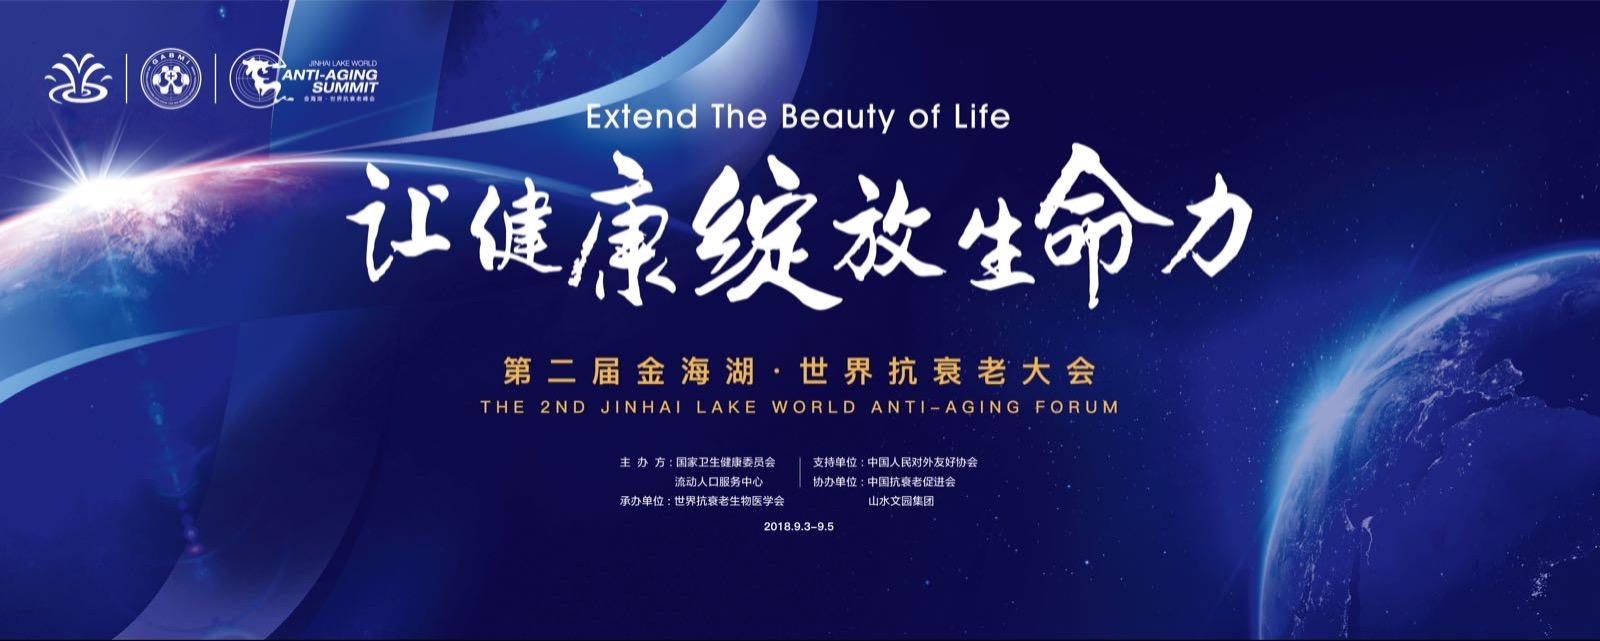 第二届金海湖世界抗衰老大会将于9月3日在京召开(图1)